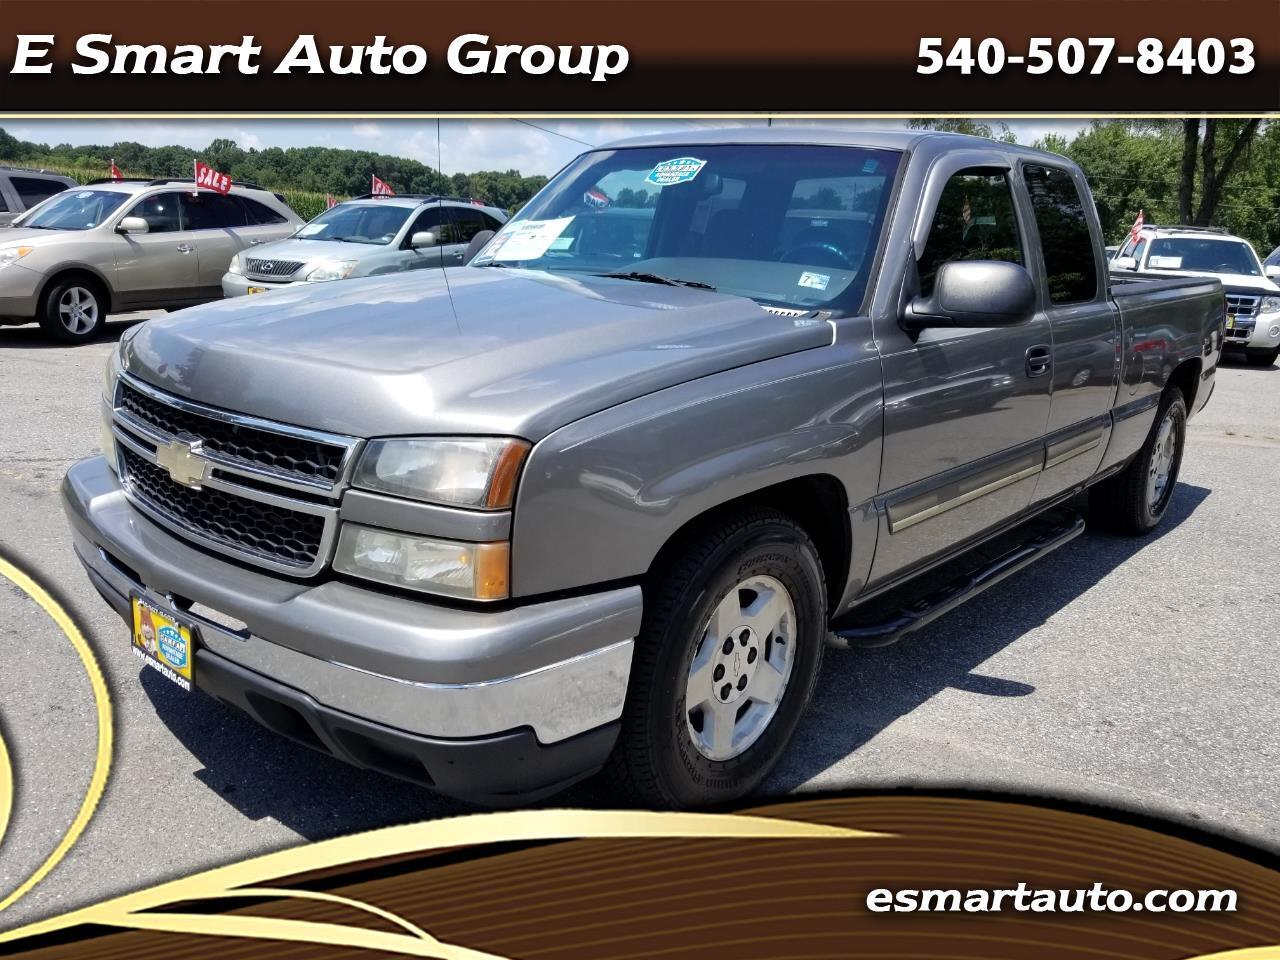 2006 Chevrolet Silverado 1500 LS Ext. Cab Long Bed 2WD